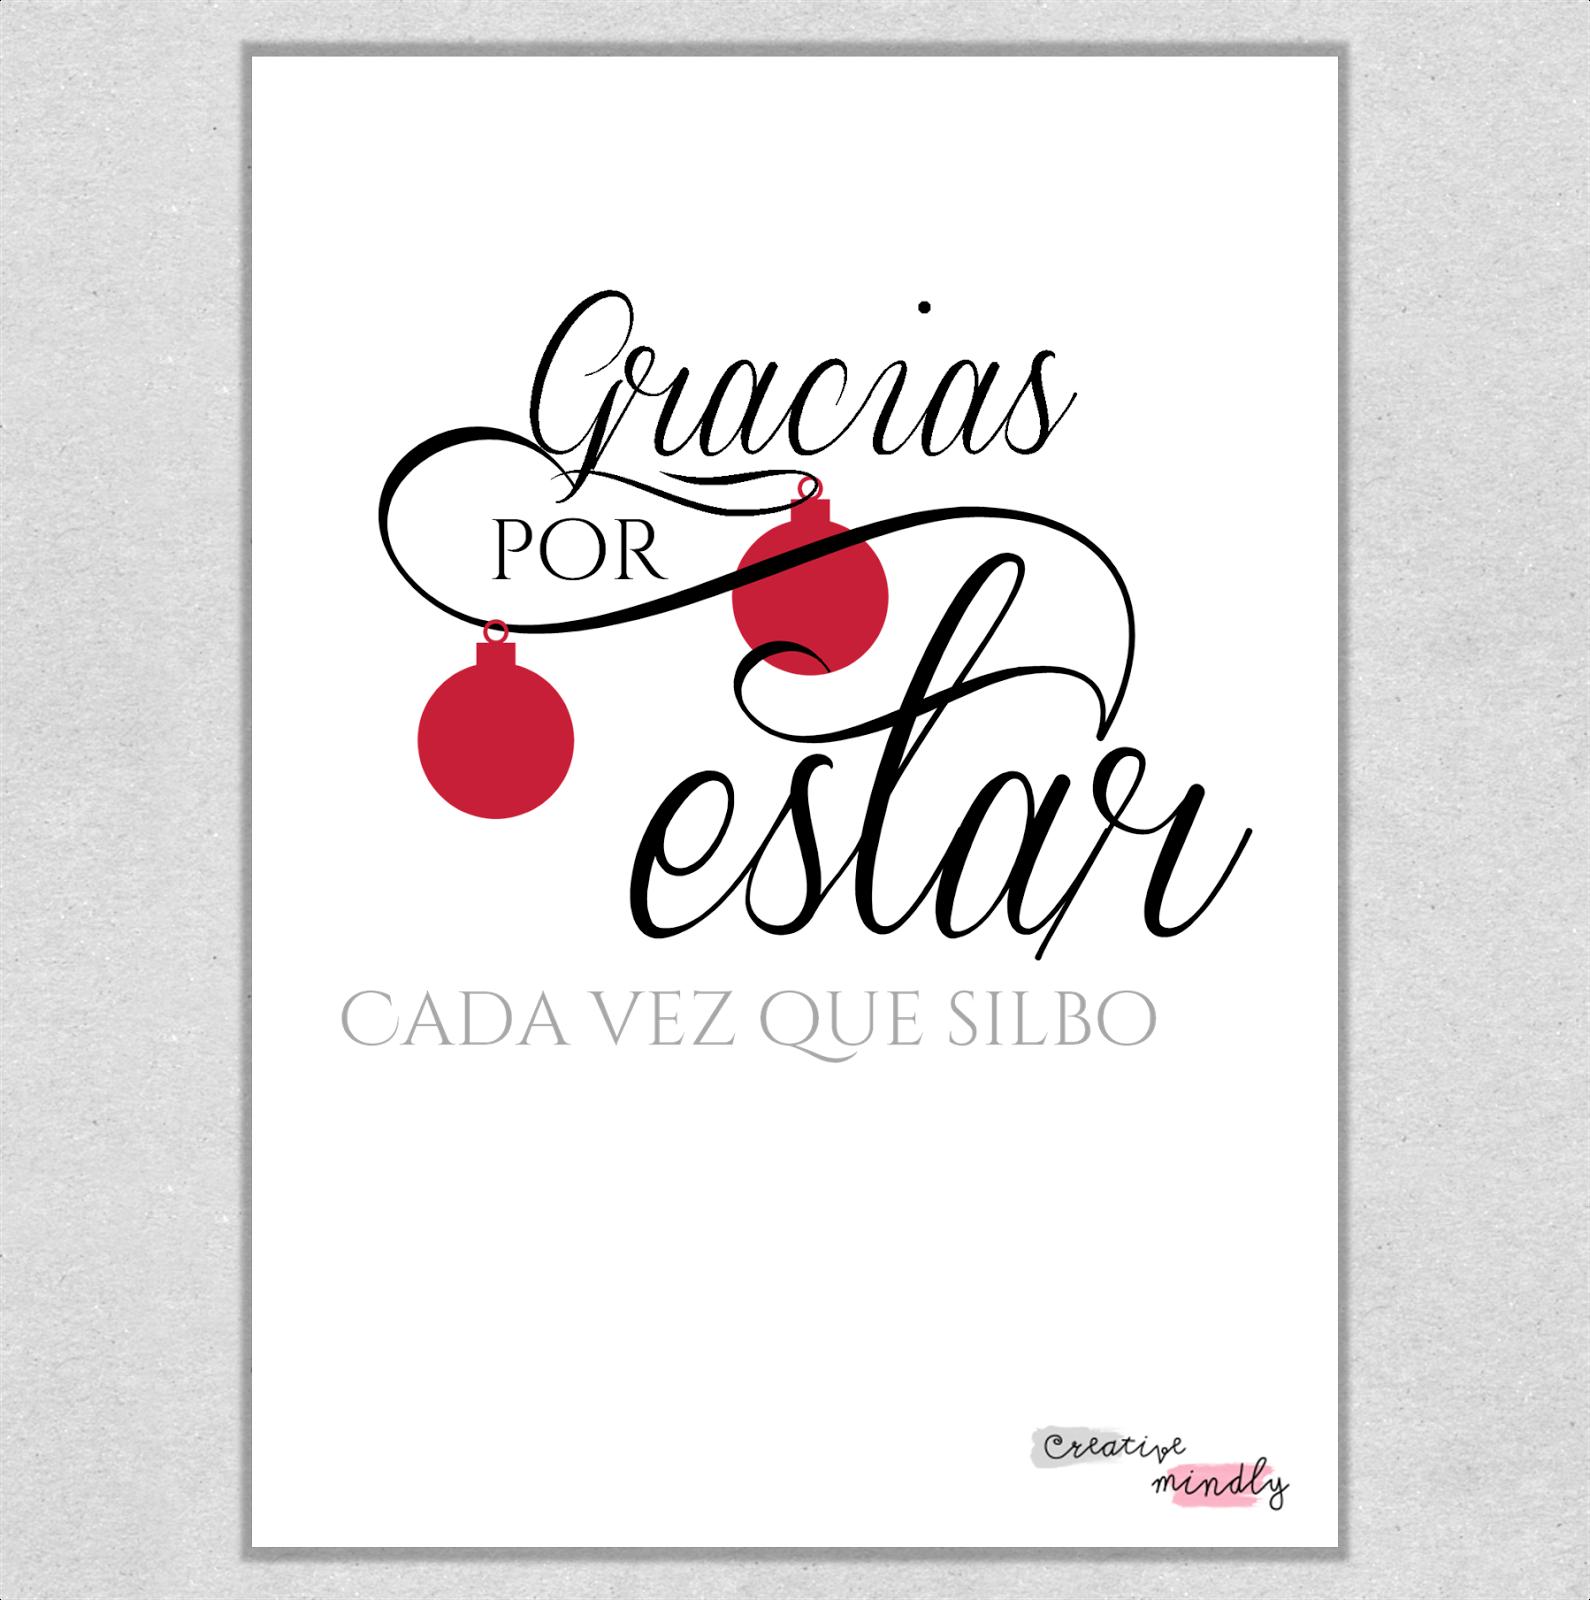 Creative mindly mensajes para tarjetas y postales de navidad - Disenar tarjetas de navidad ...